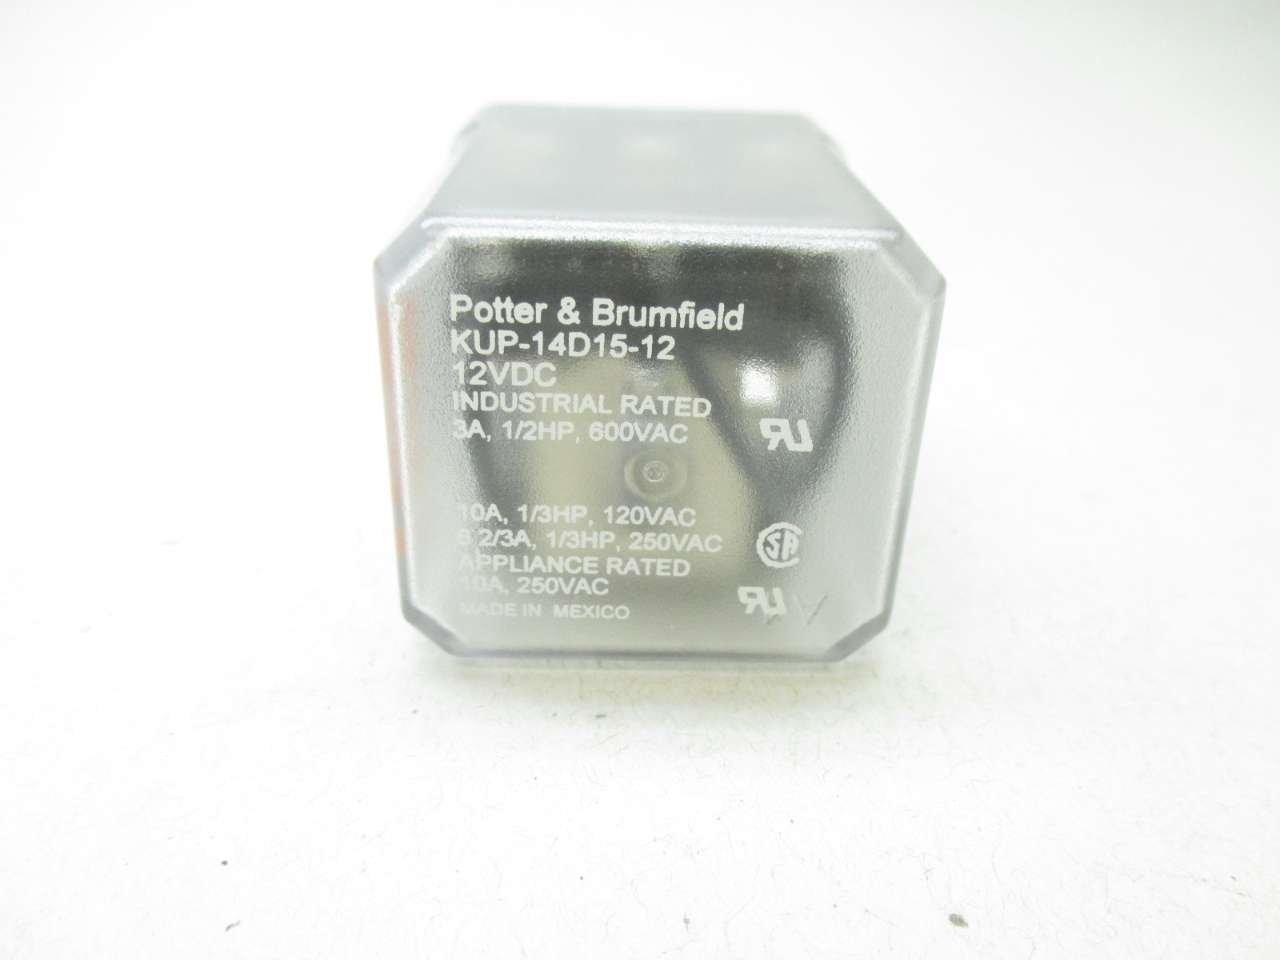 Potter/&Brumfield KUP-14D15-12 Relay 12VDC